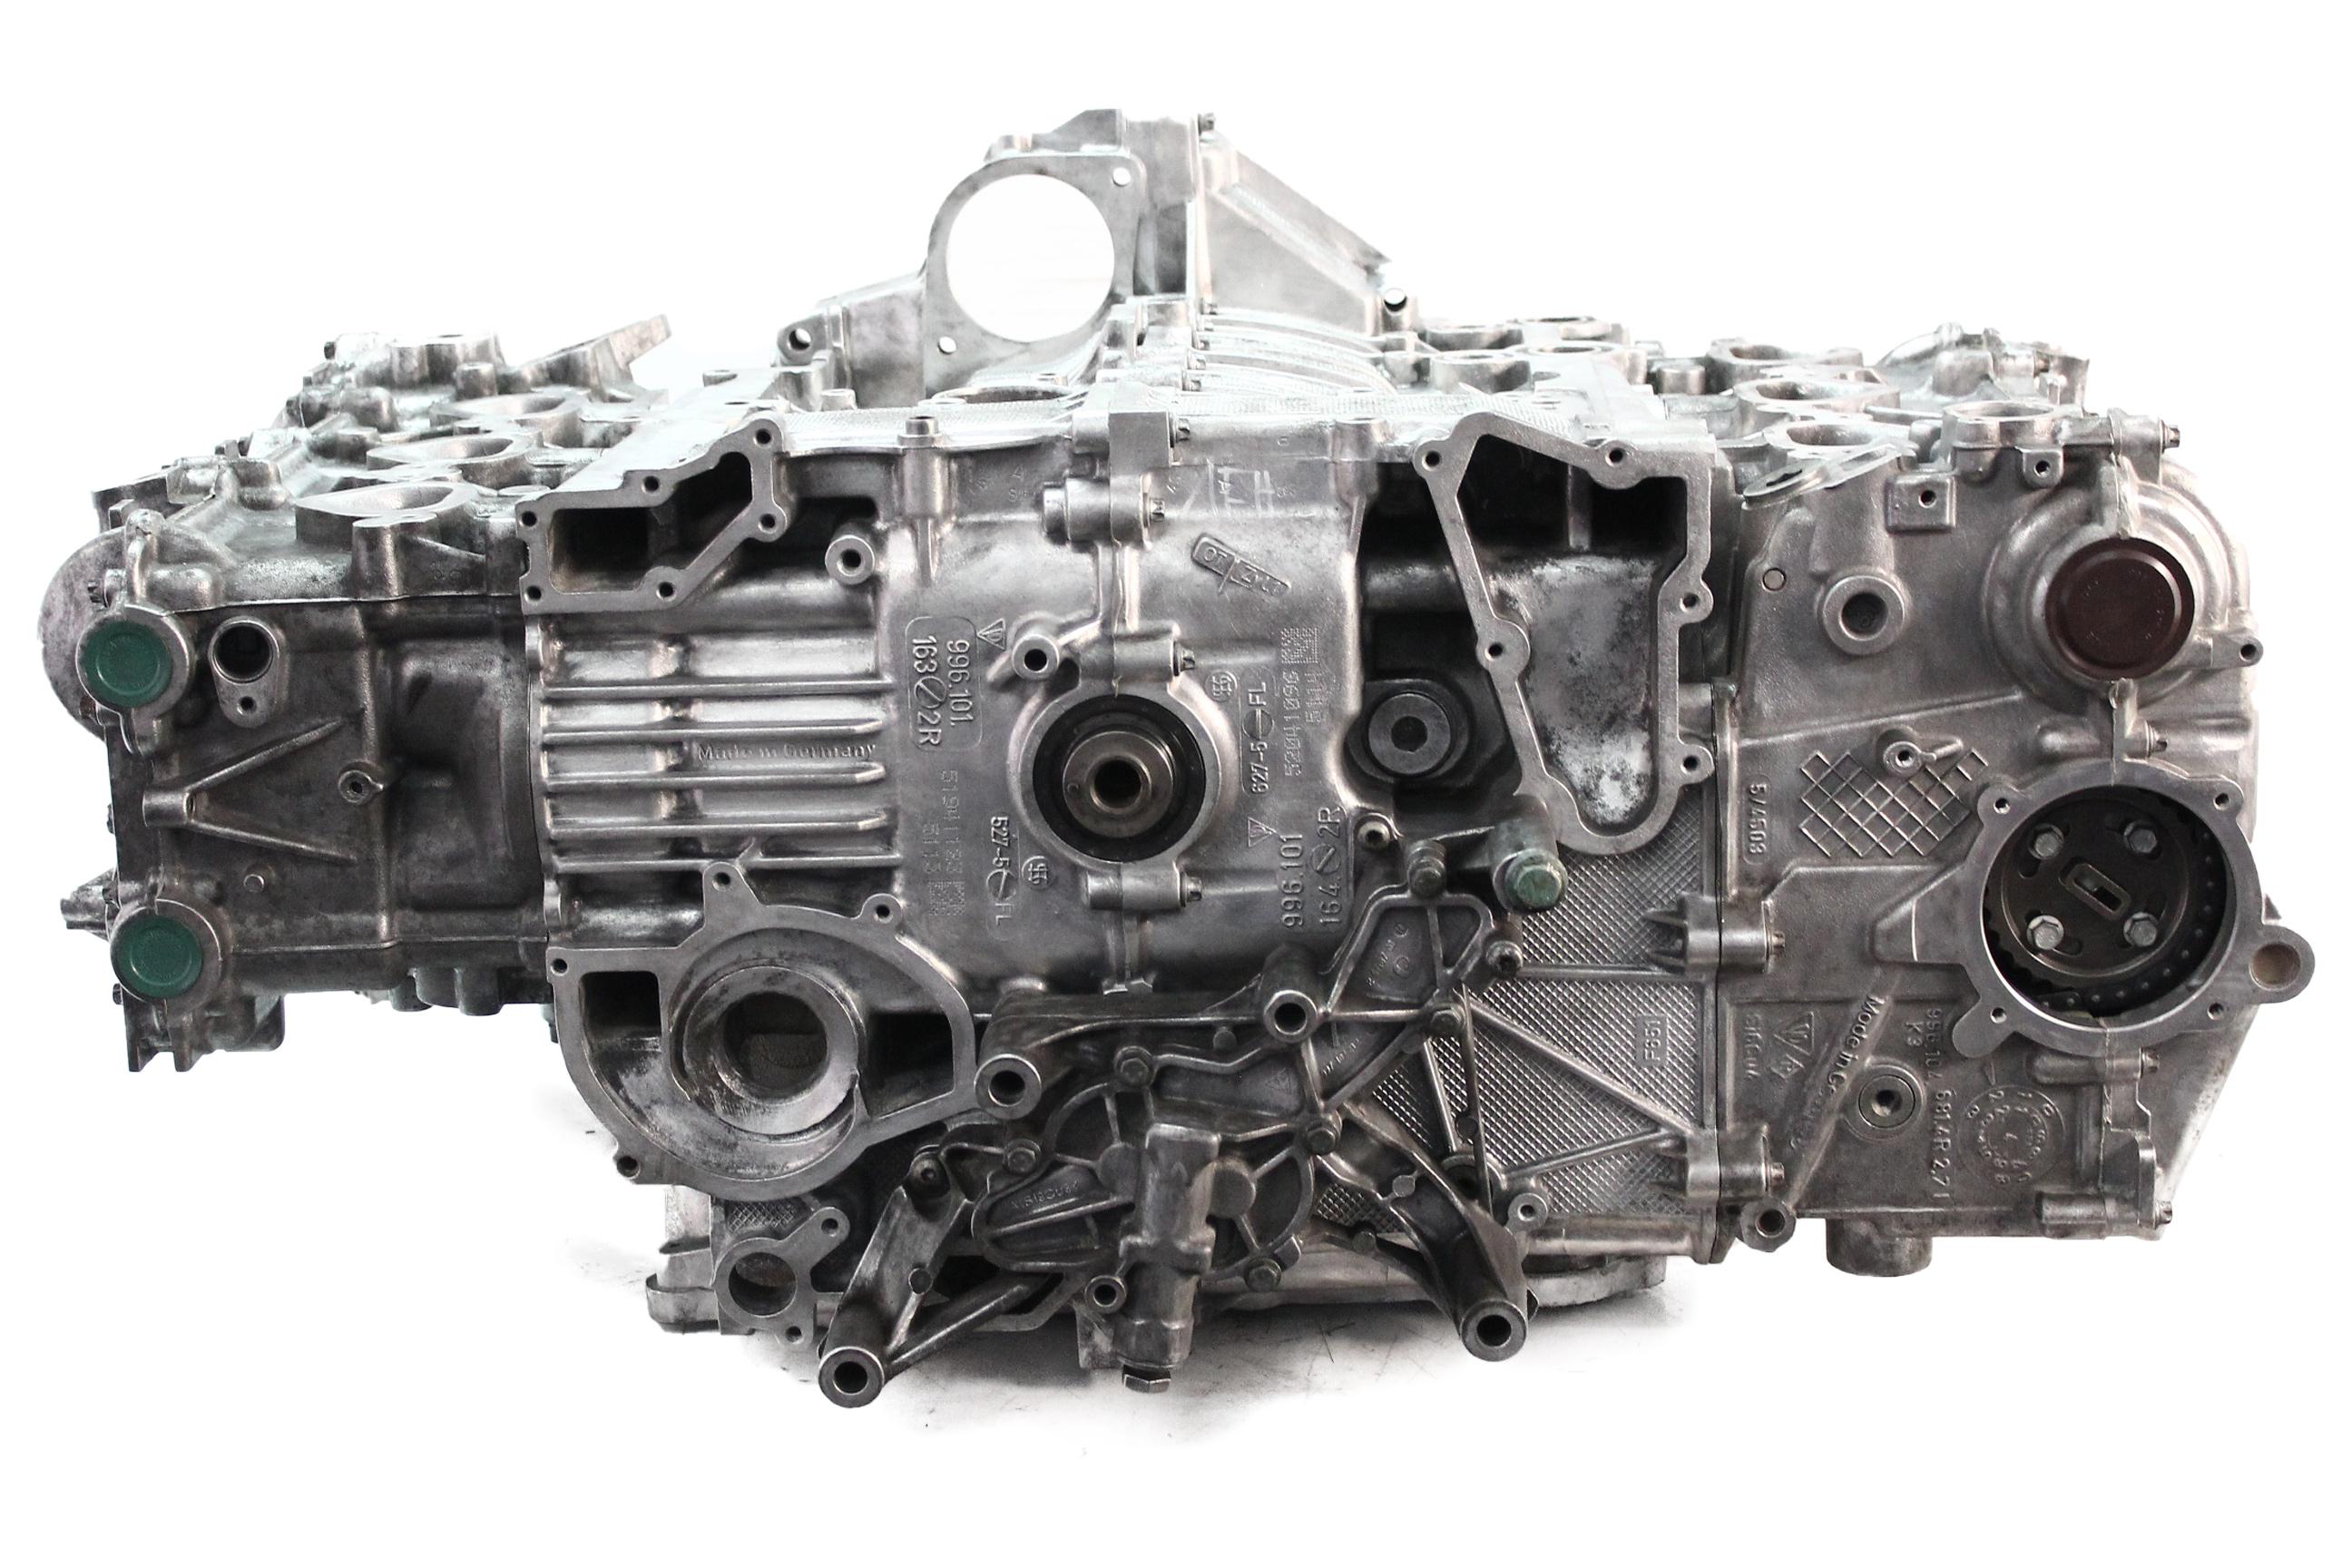 Motor 2005 Porsche Boxster 987 2,7 M96.25 96.25 Kettensatz NEU Köpfe geplant